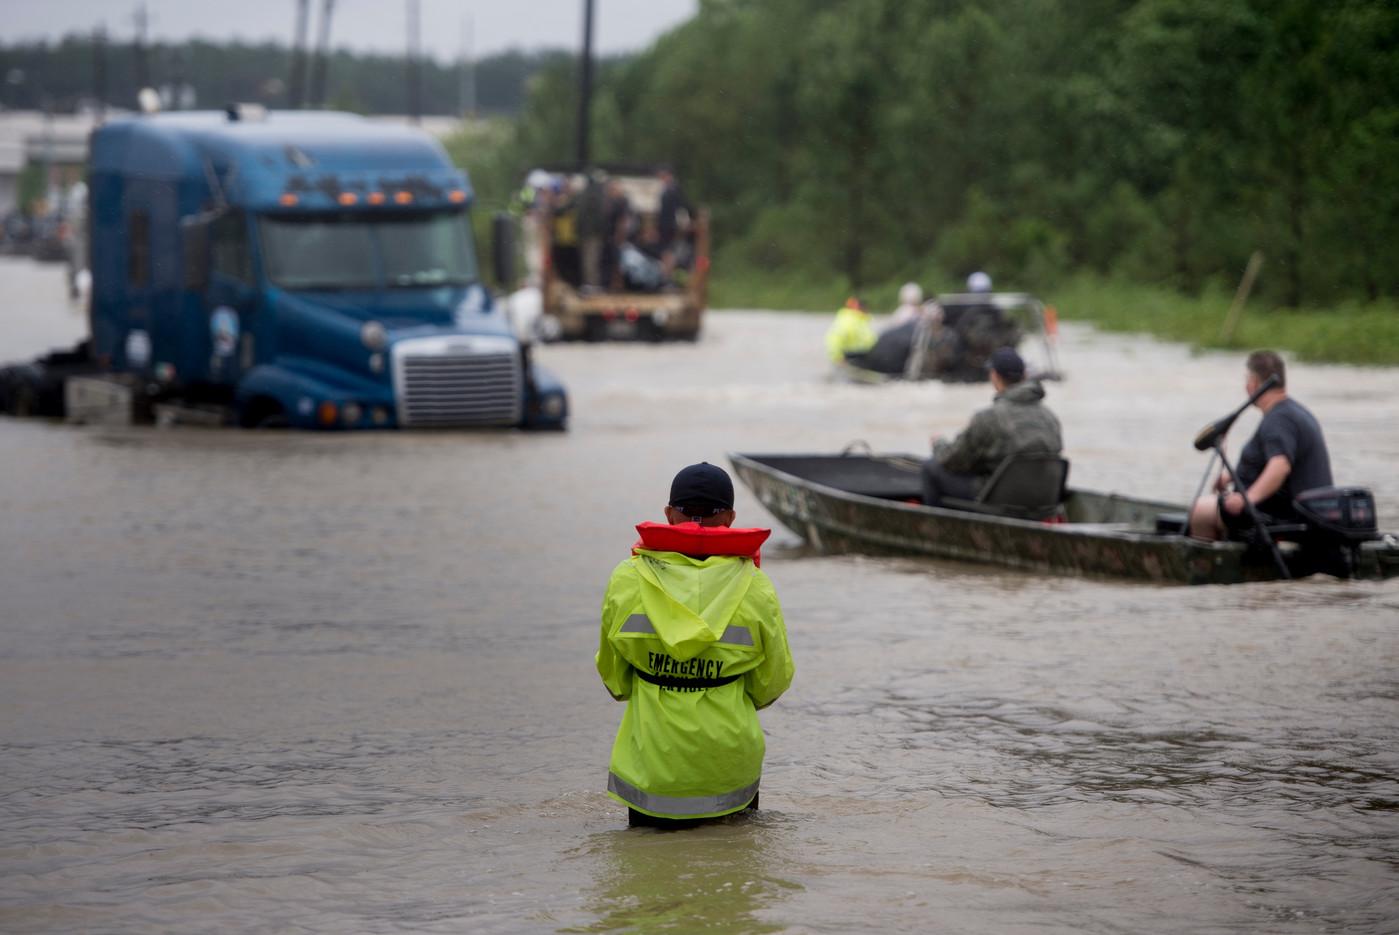 Le 29 août 2017, Houston, Texas - Les secours dans une voie innondée